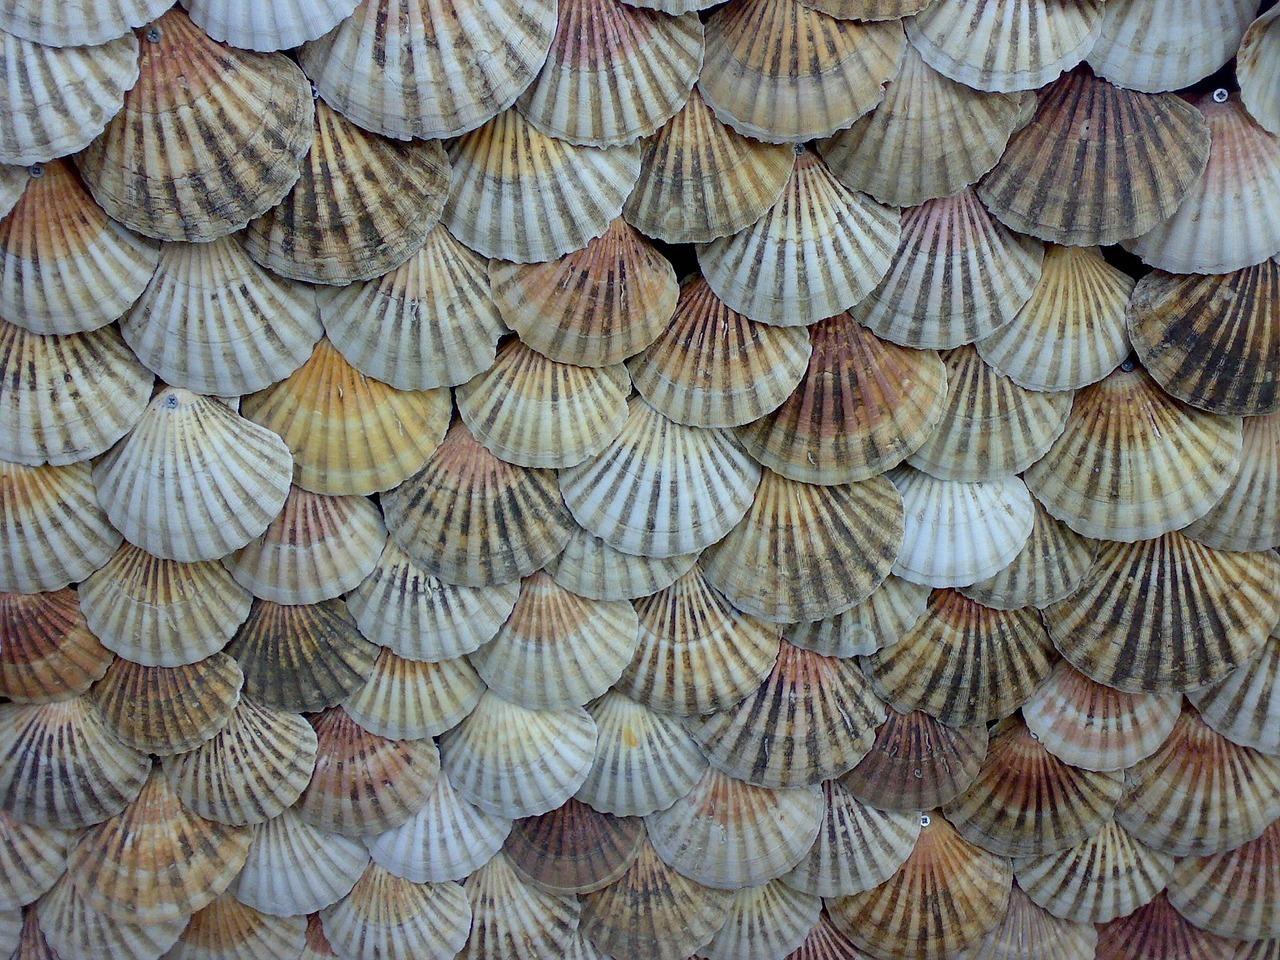 Shells 1009334 1280